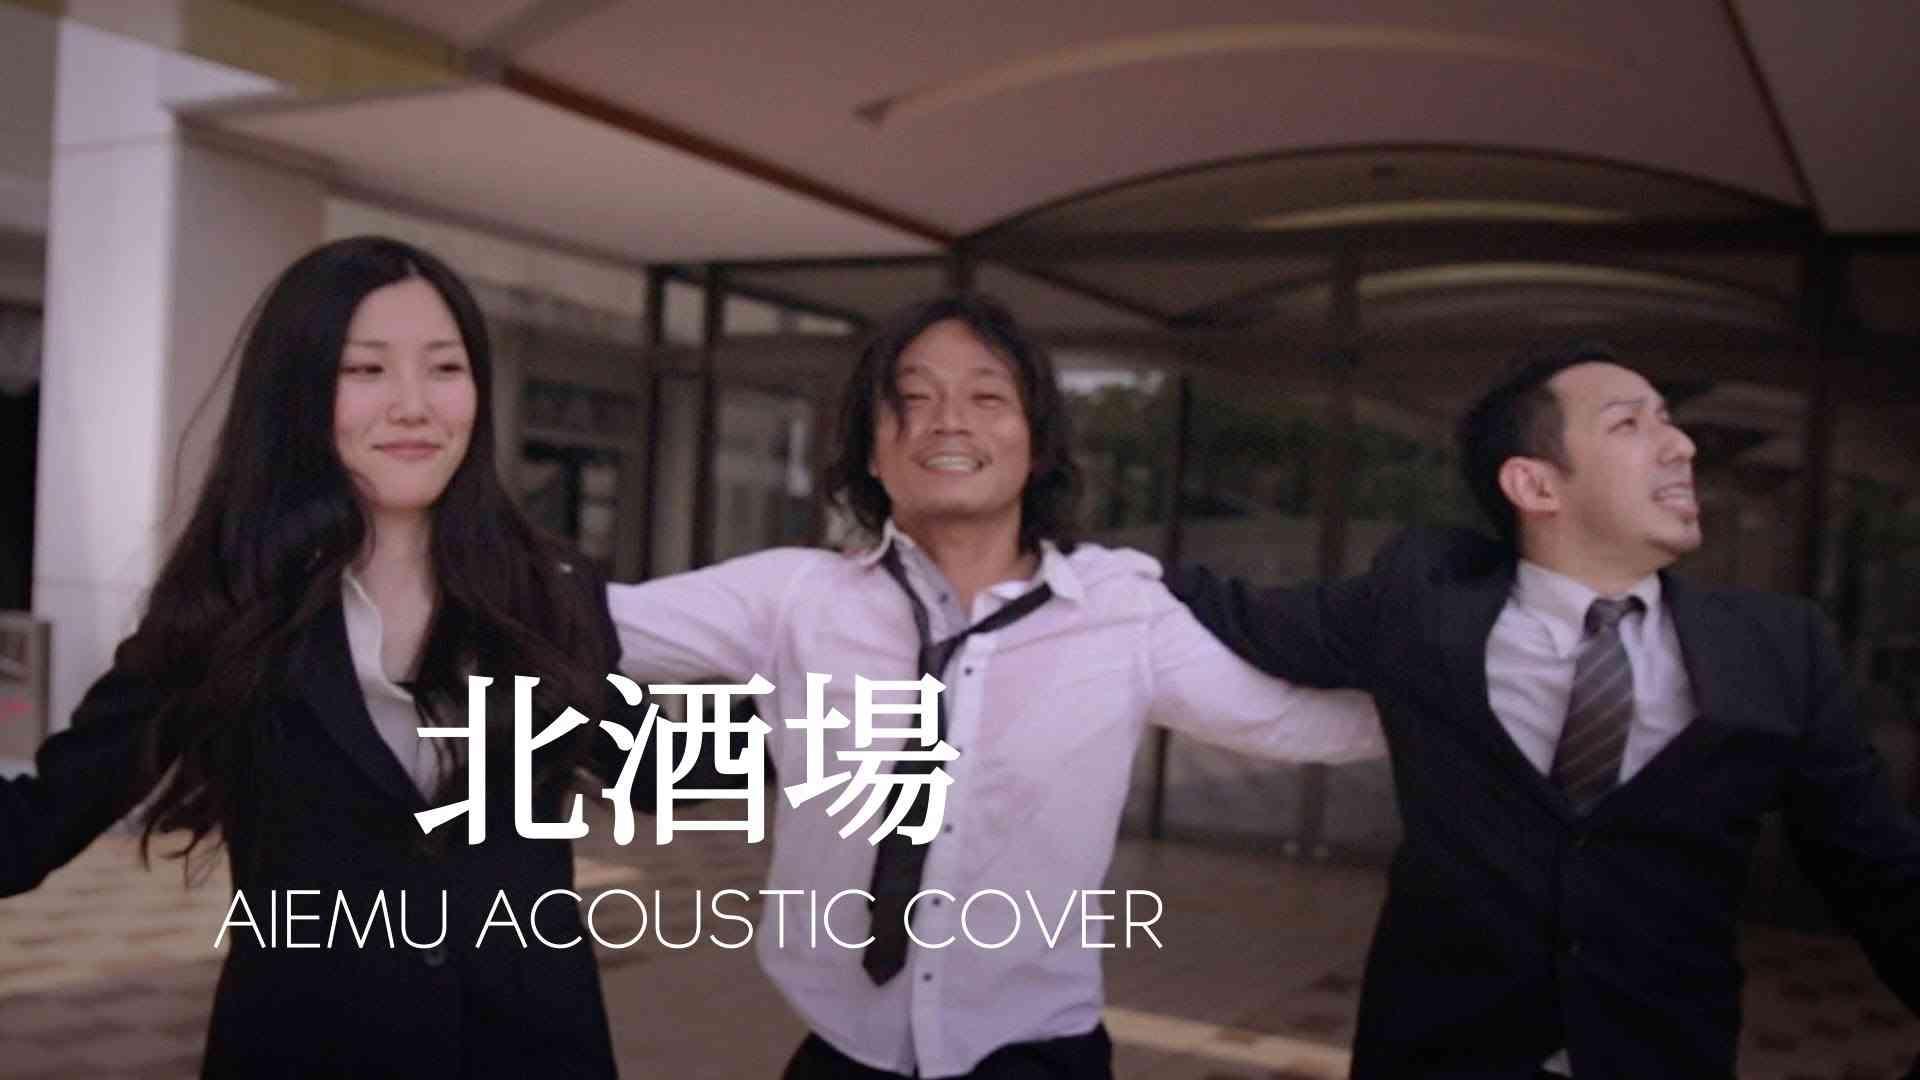 北酒場 - 細川たかし(愛笑む acoustic cover) - YouTube